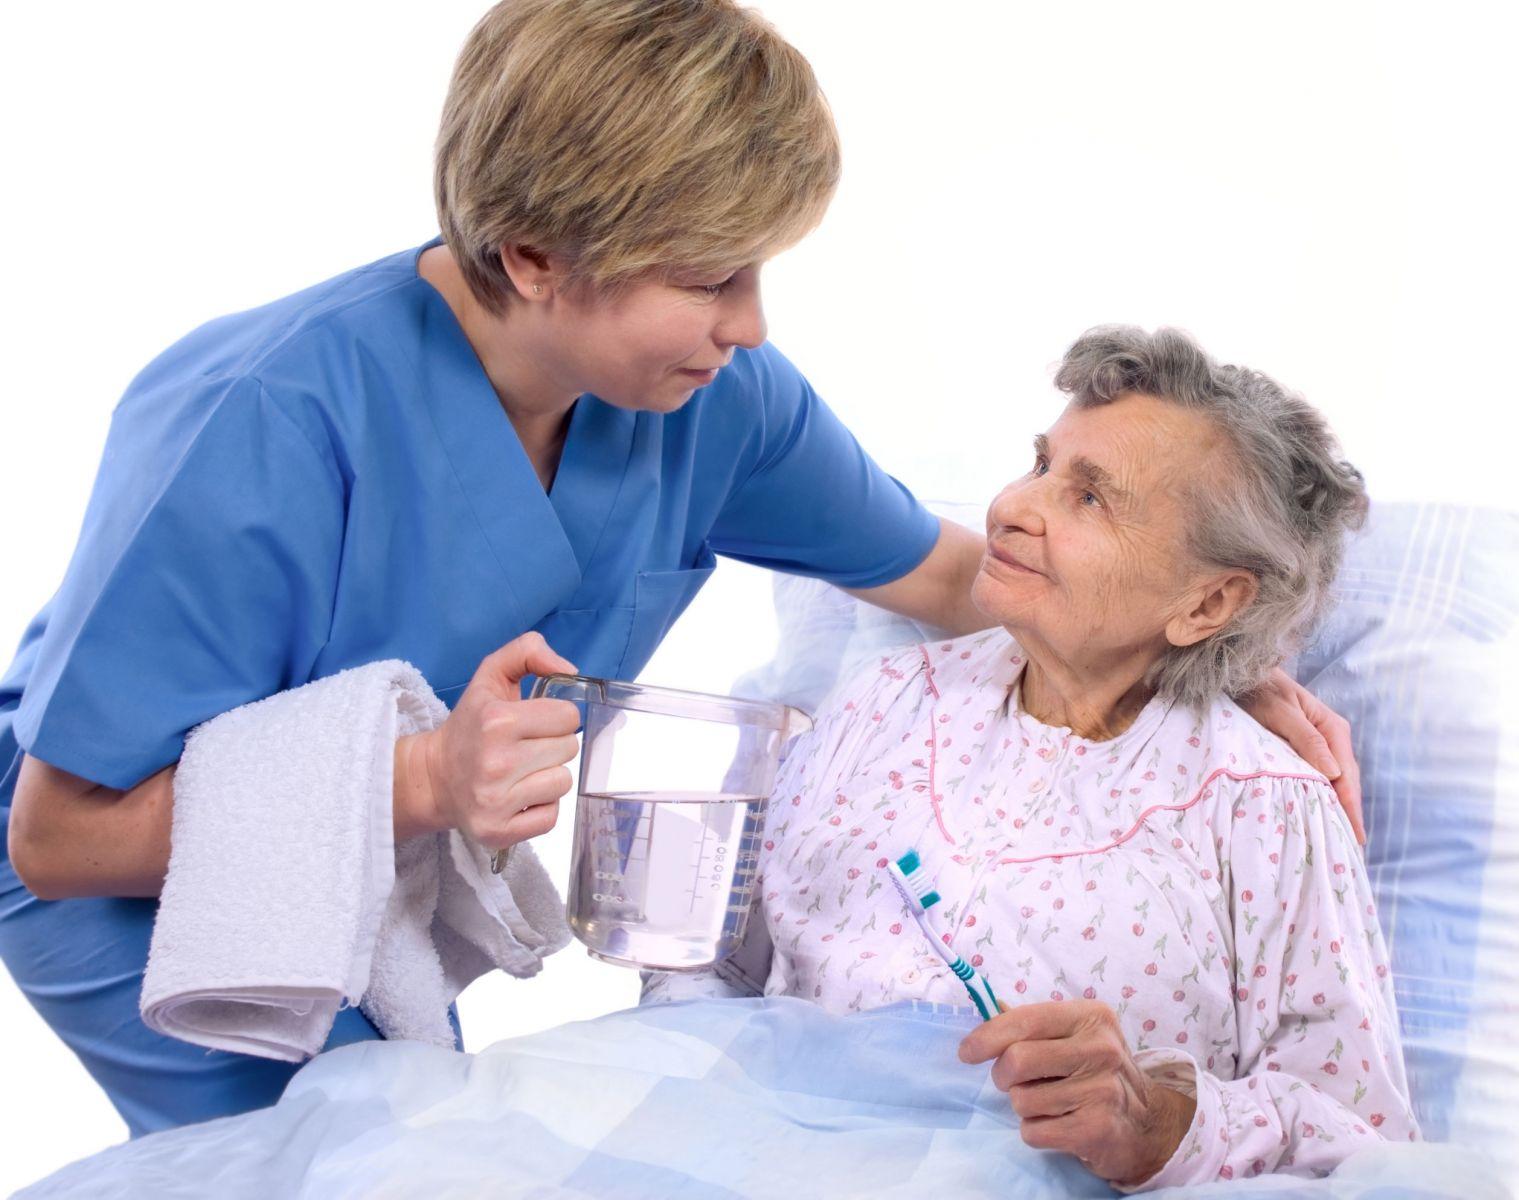 Dịch Vụ Chăm Sóc Bệnh Nhân Tại Bệnh Viện Ở Đâu Tốt Nhất